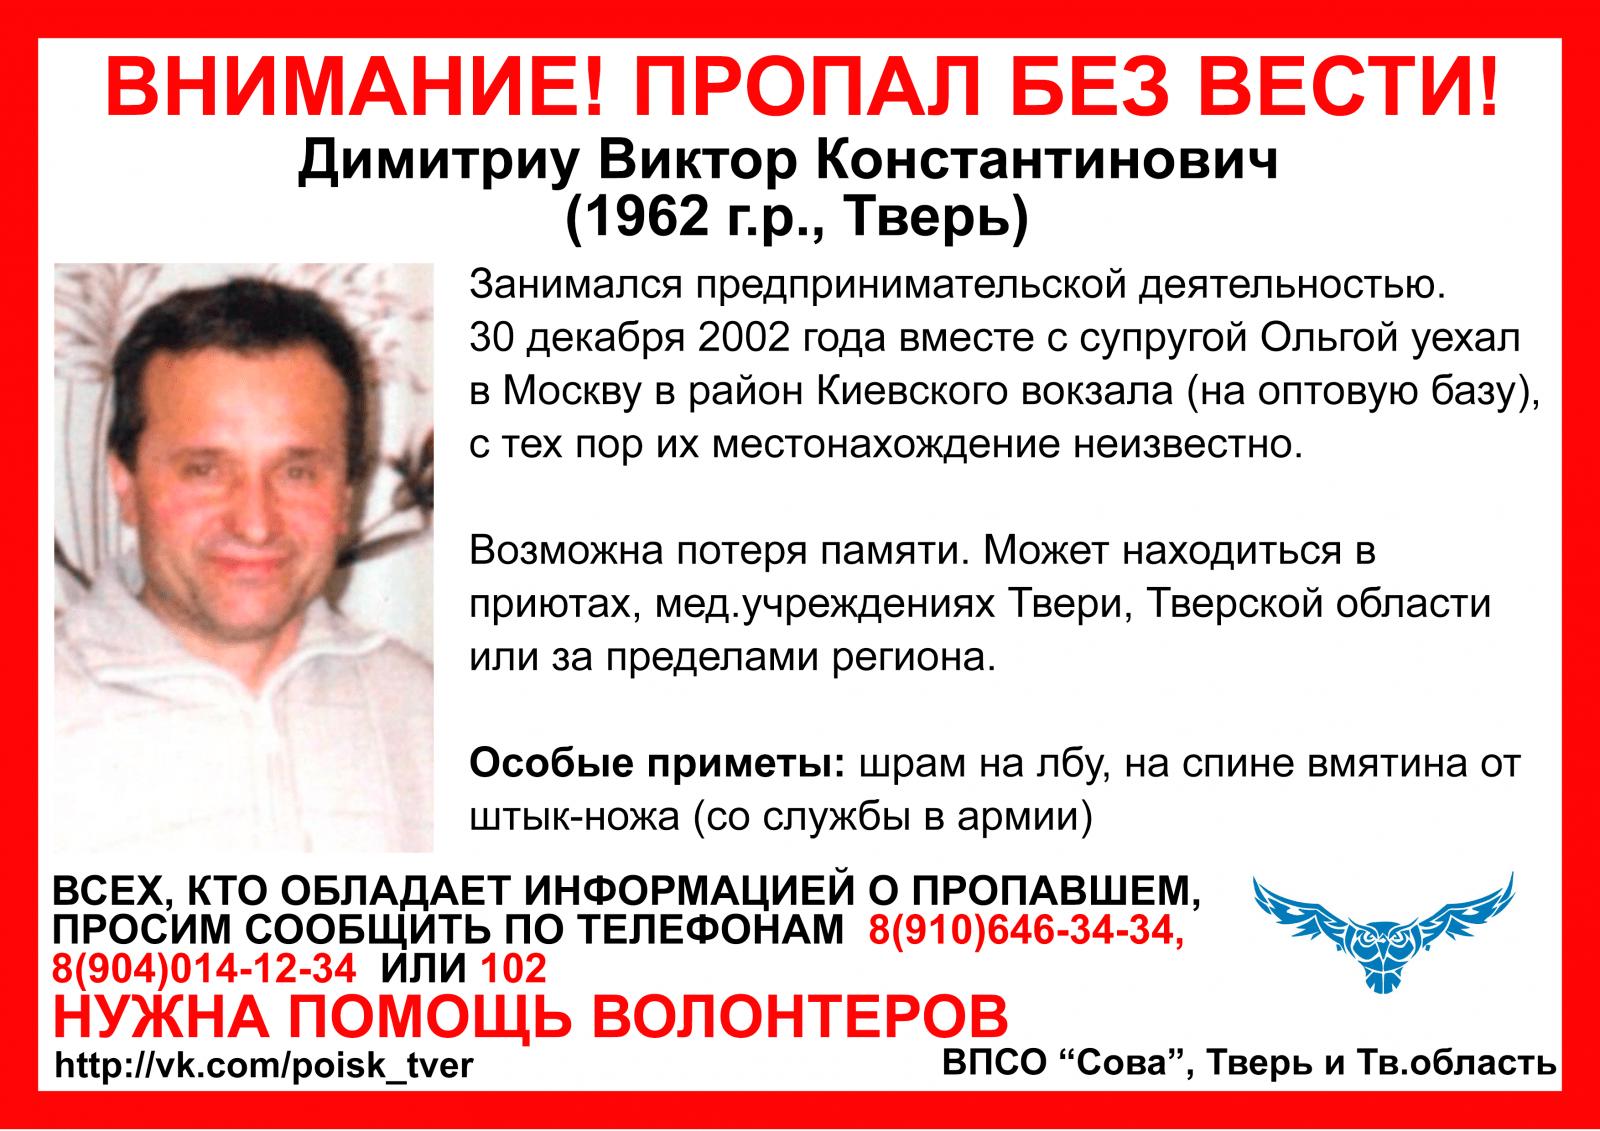 Пропал Димитриу Виктор Константинович (1962 г.р.)